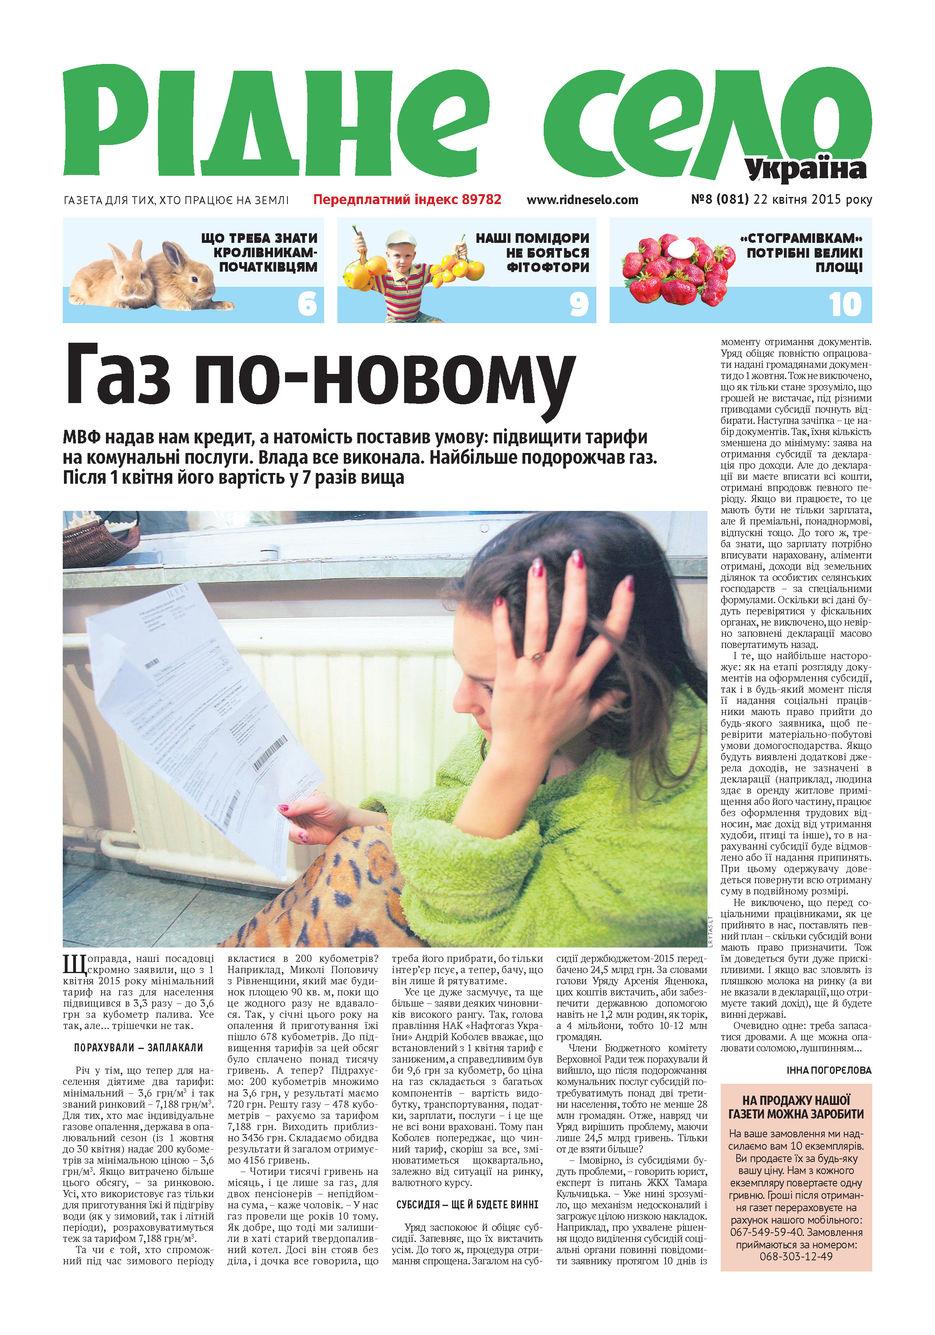 Фриланс верстка газеты работа удаленно хмао